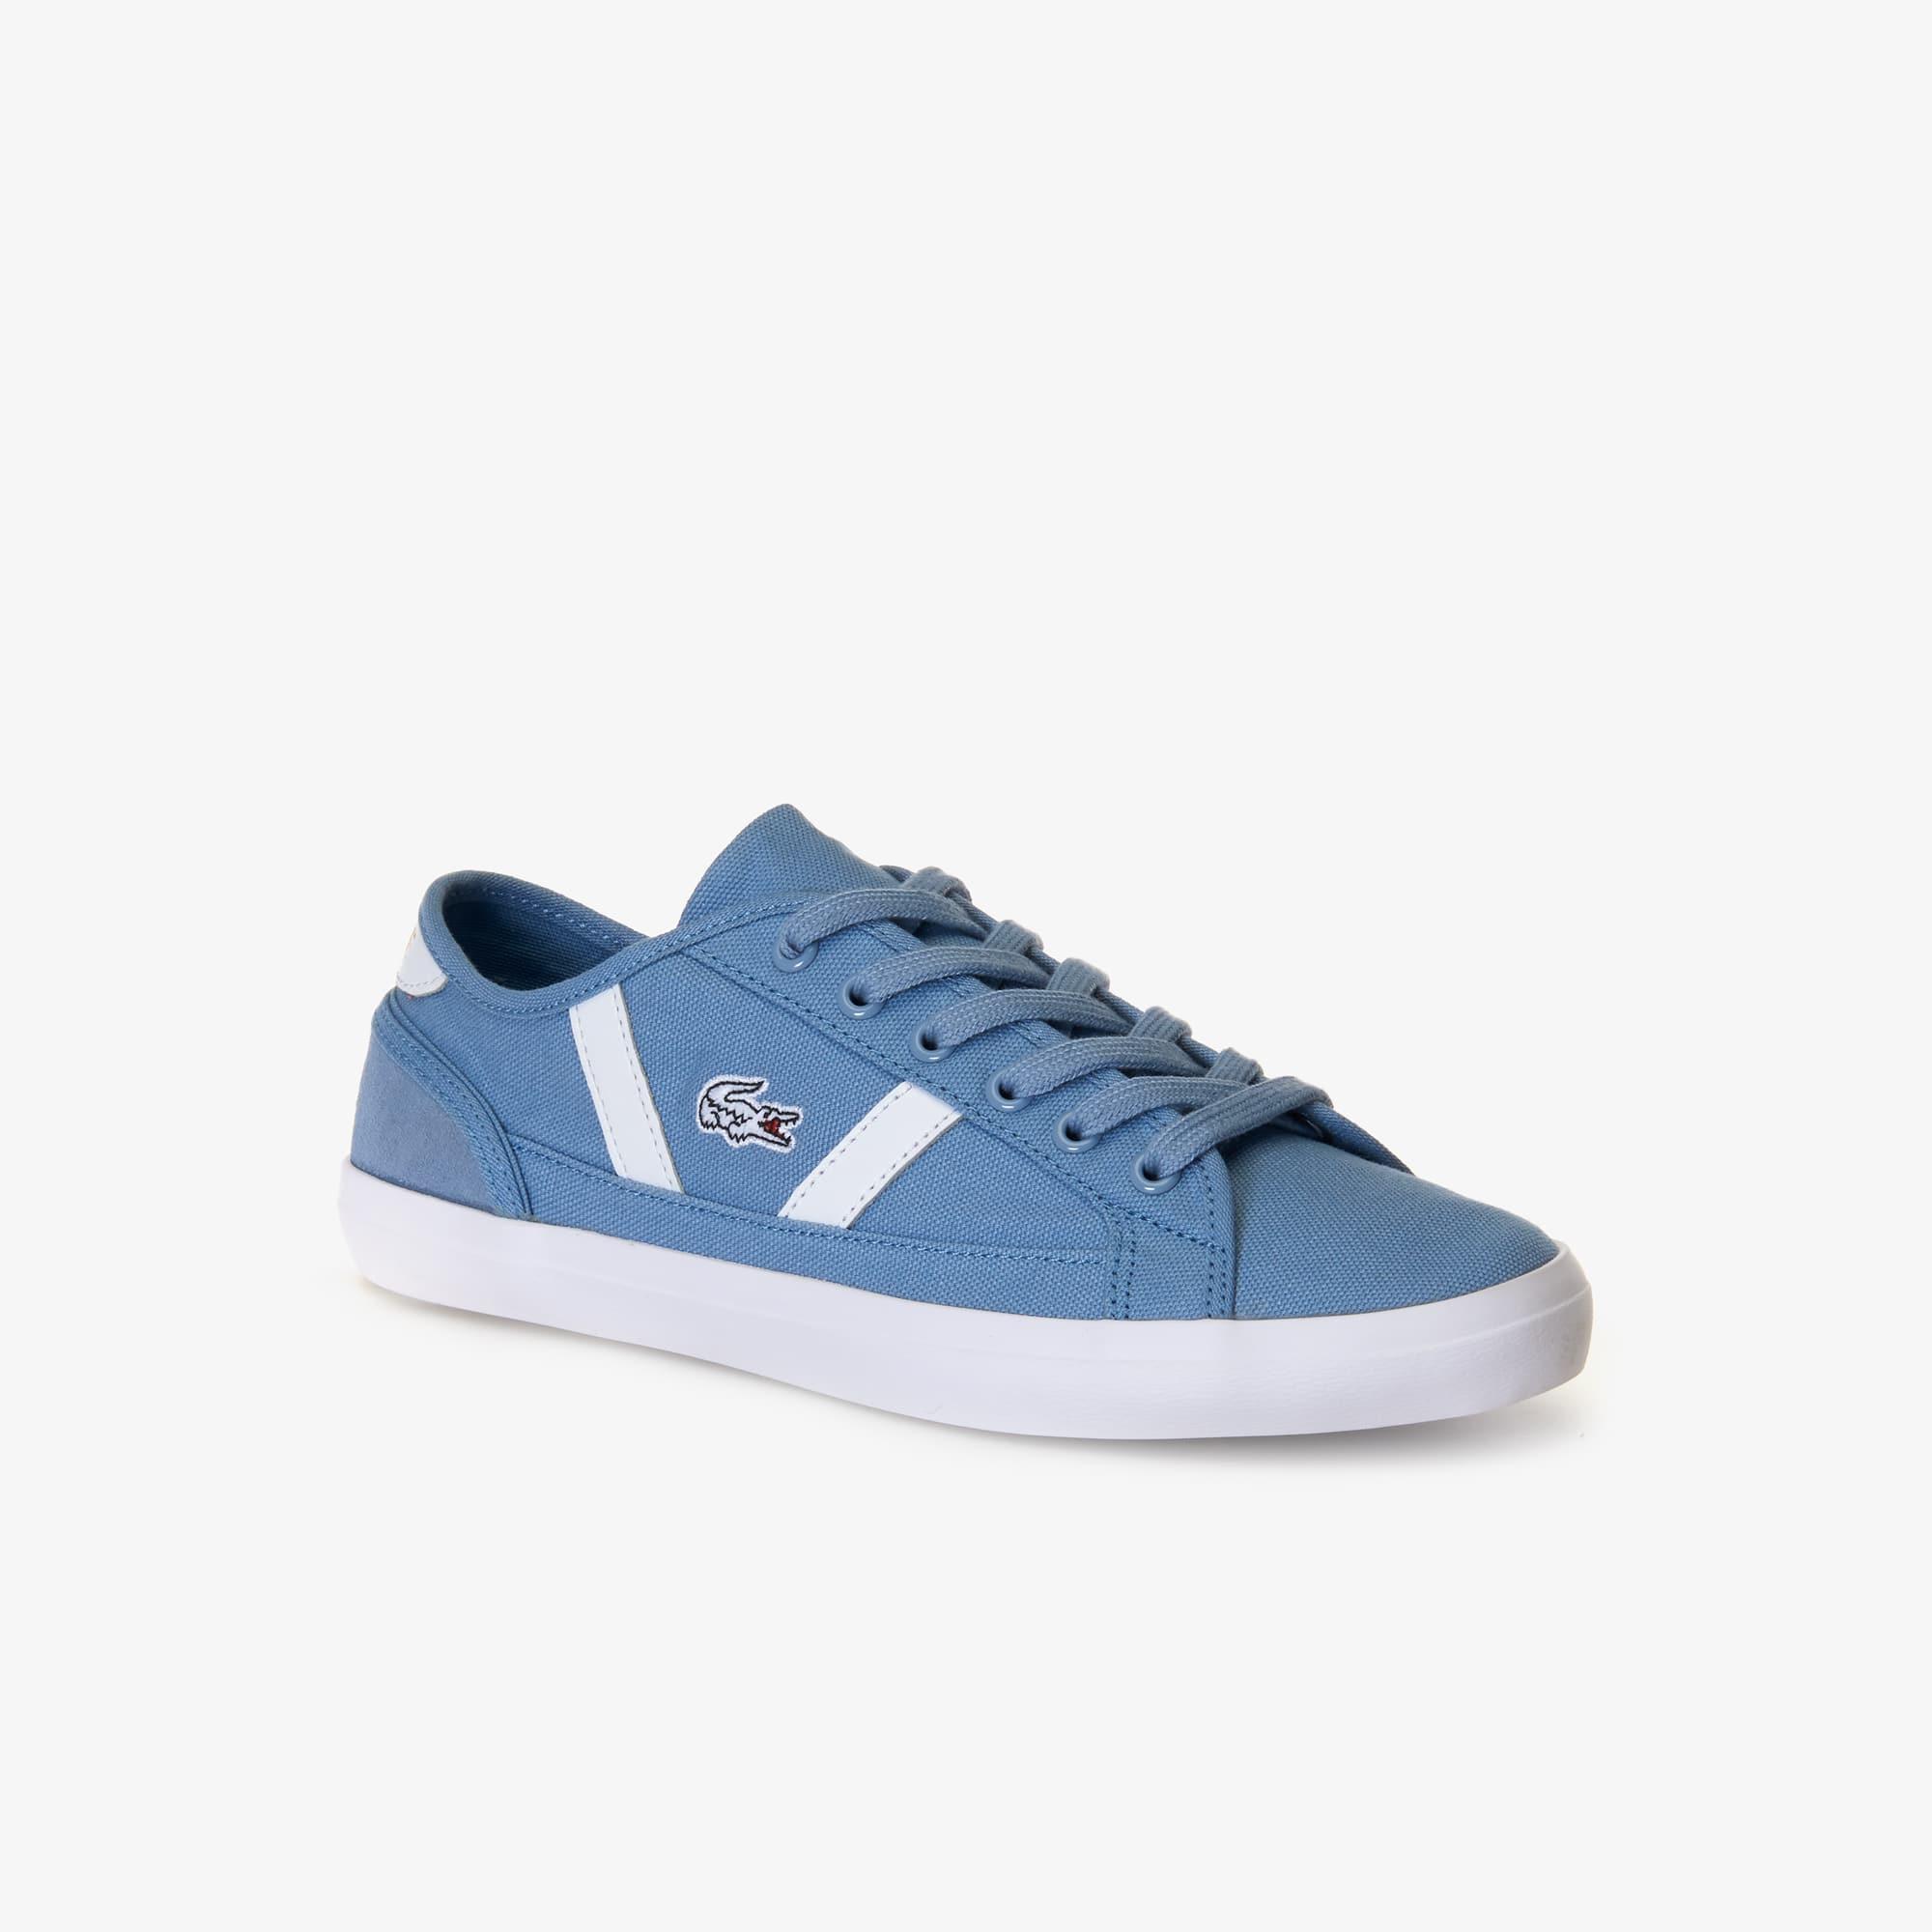 라코스테 우먼 사이드라인 스니커즈 - 라이트 블루/화이트 Lacoste Womens Sideline Canvas and Leather Sneakers,LIGHT BLUE/WHITE - 2K7